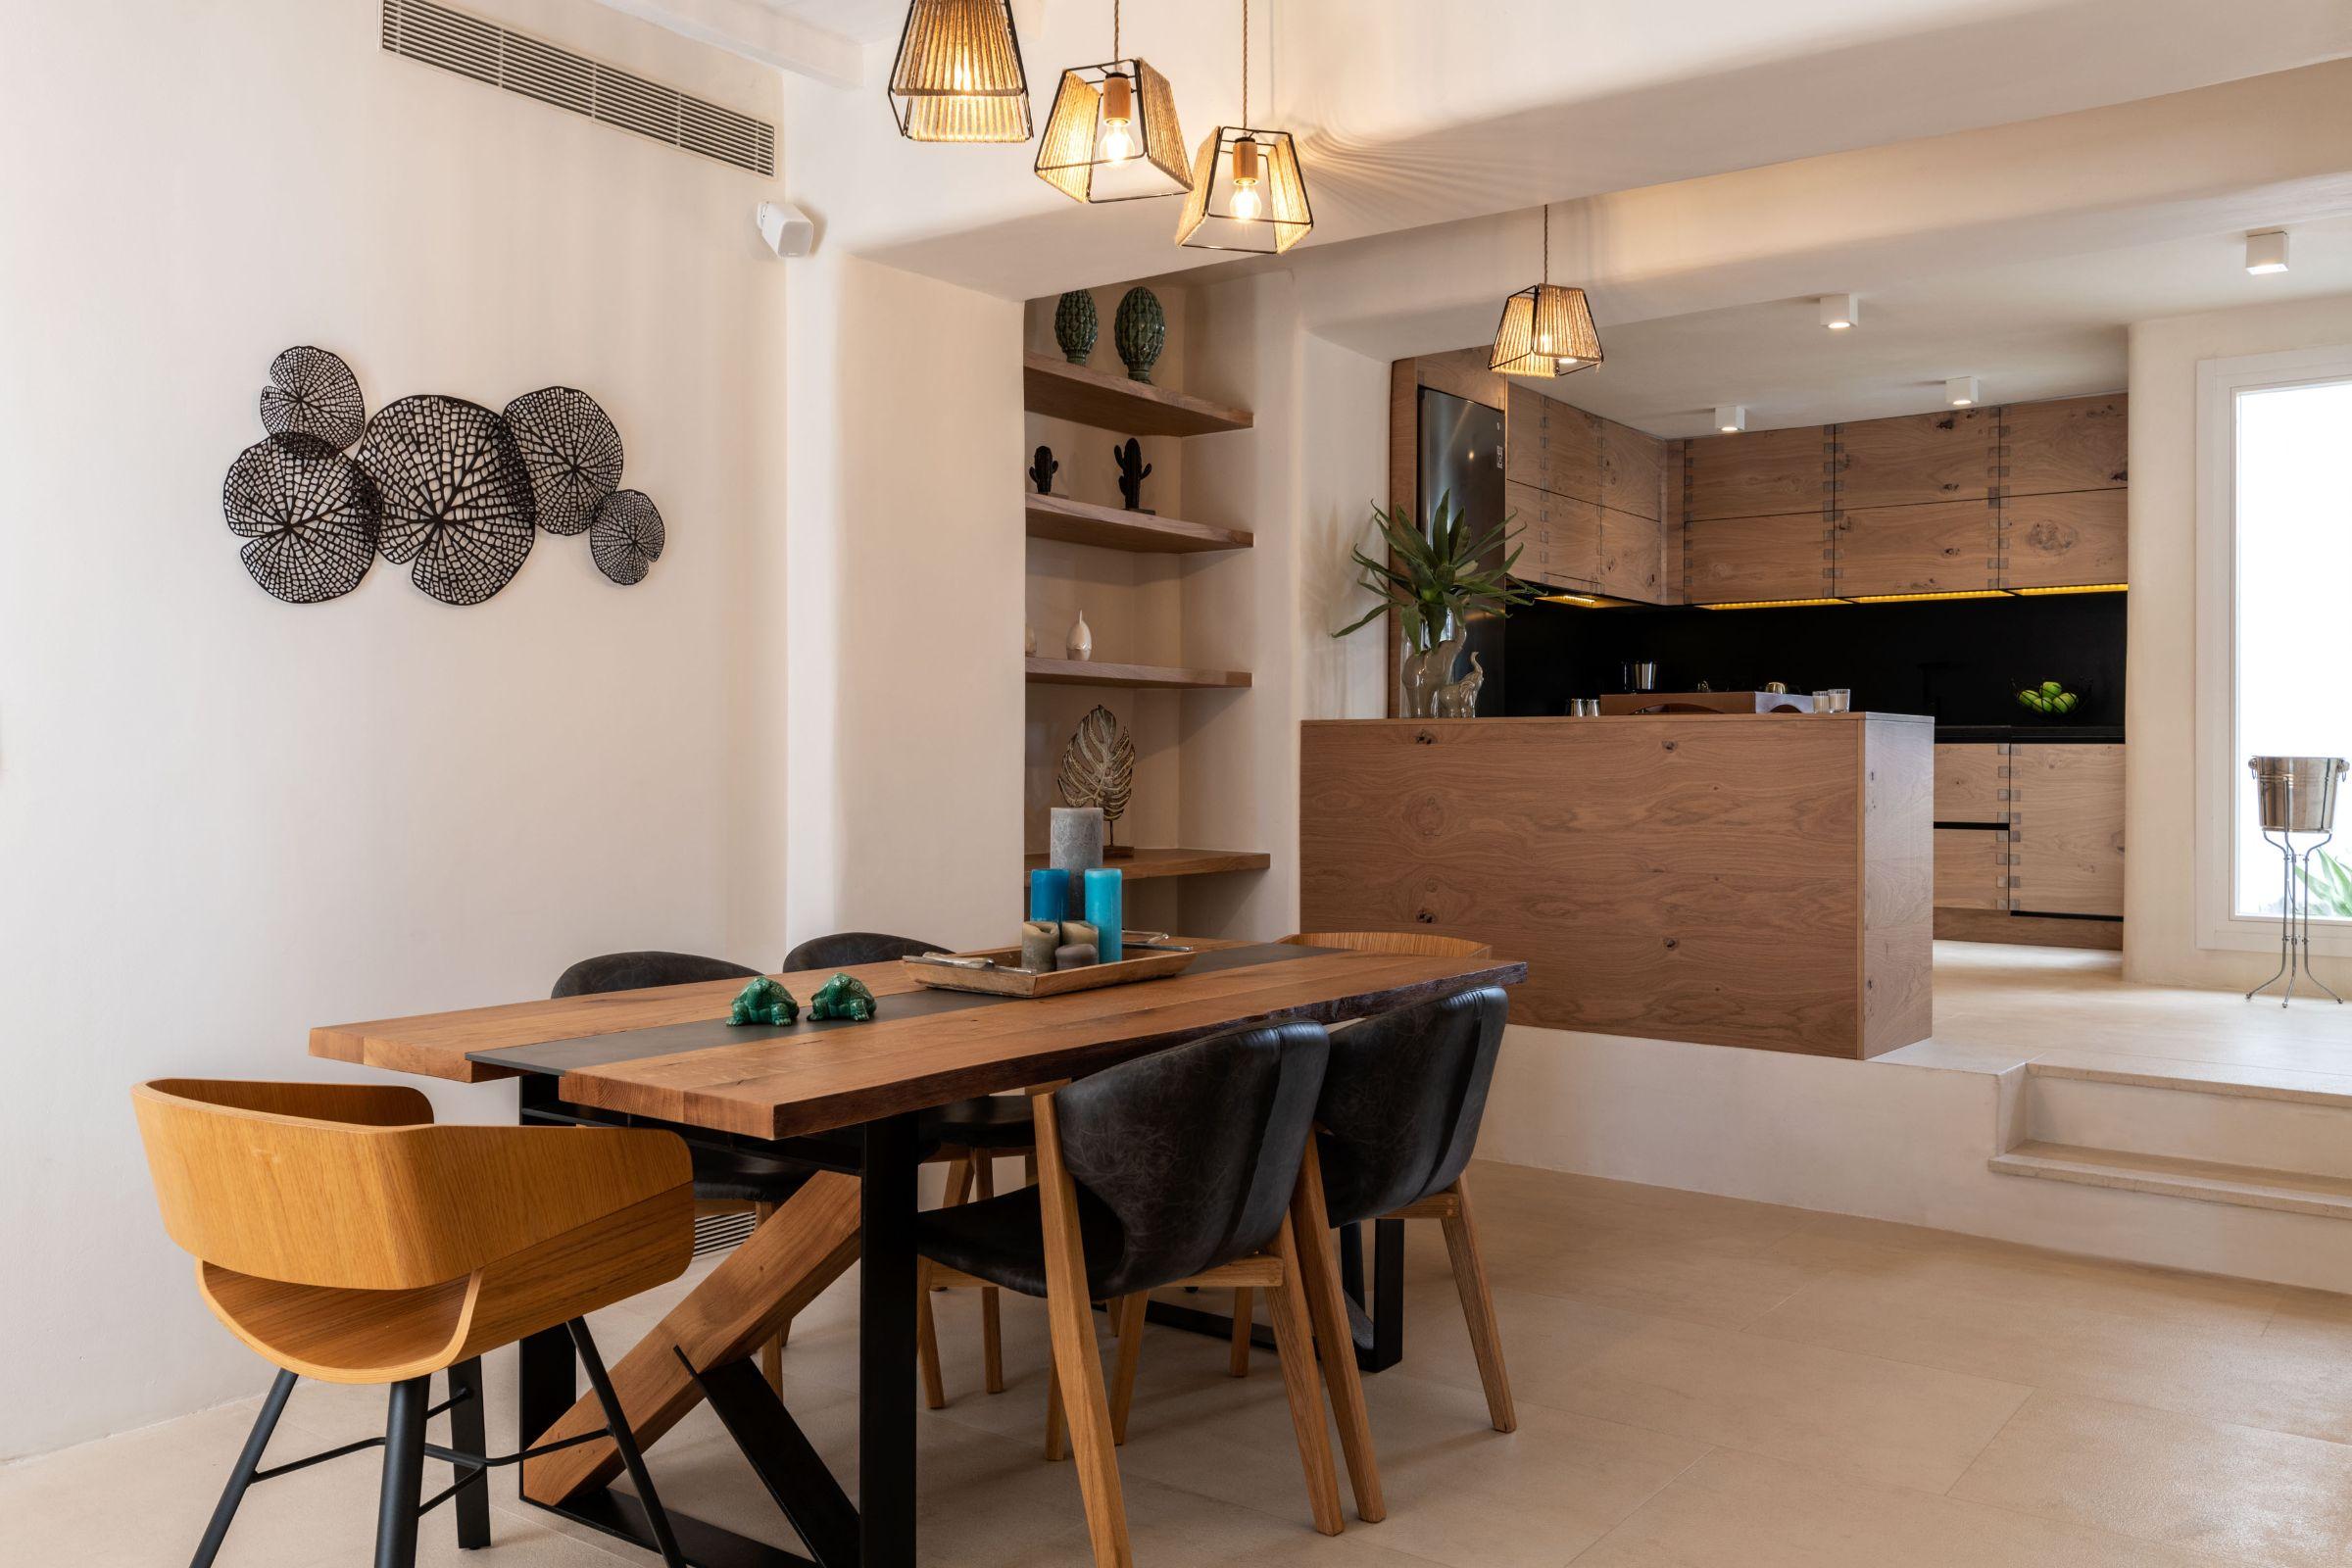 villa ani kanalia kitchen diner